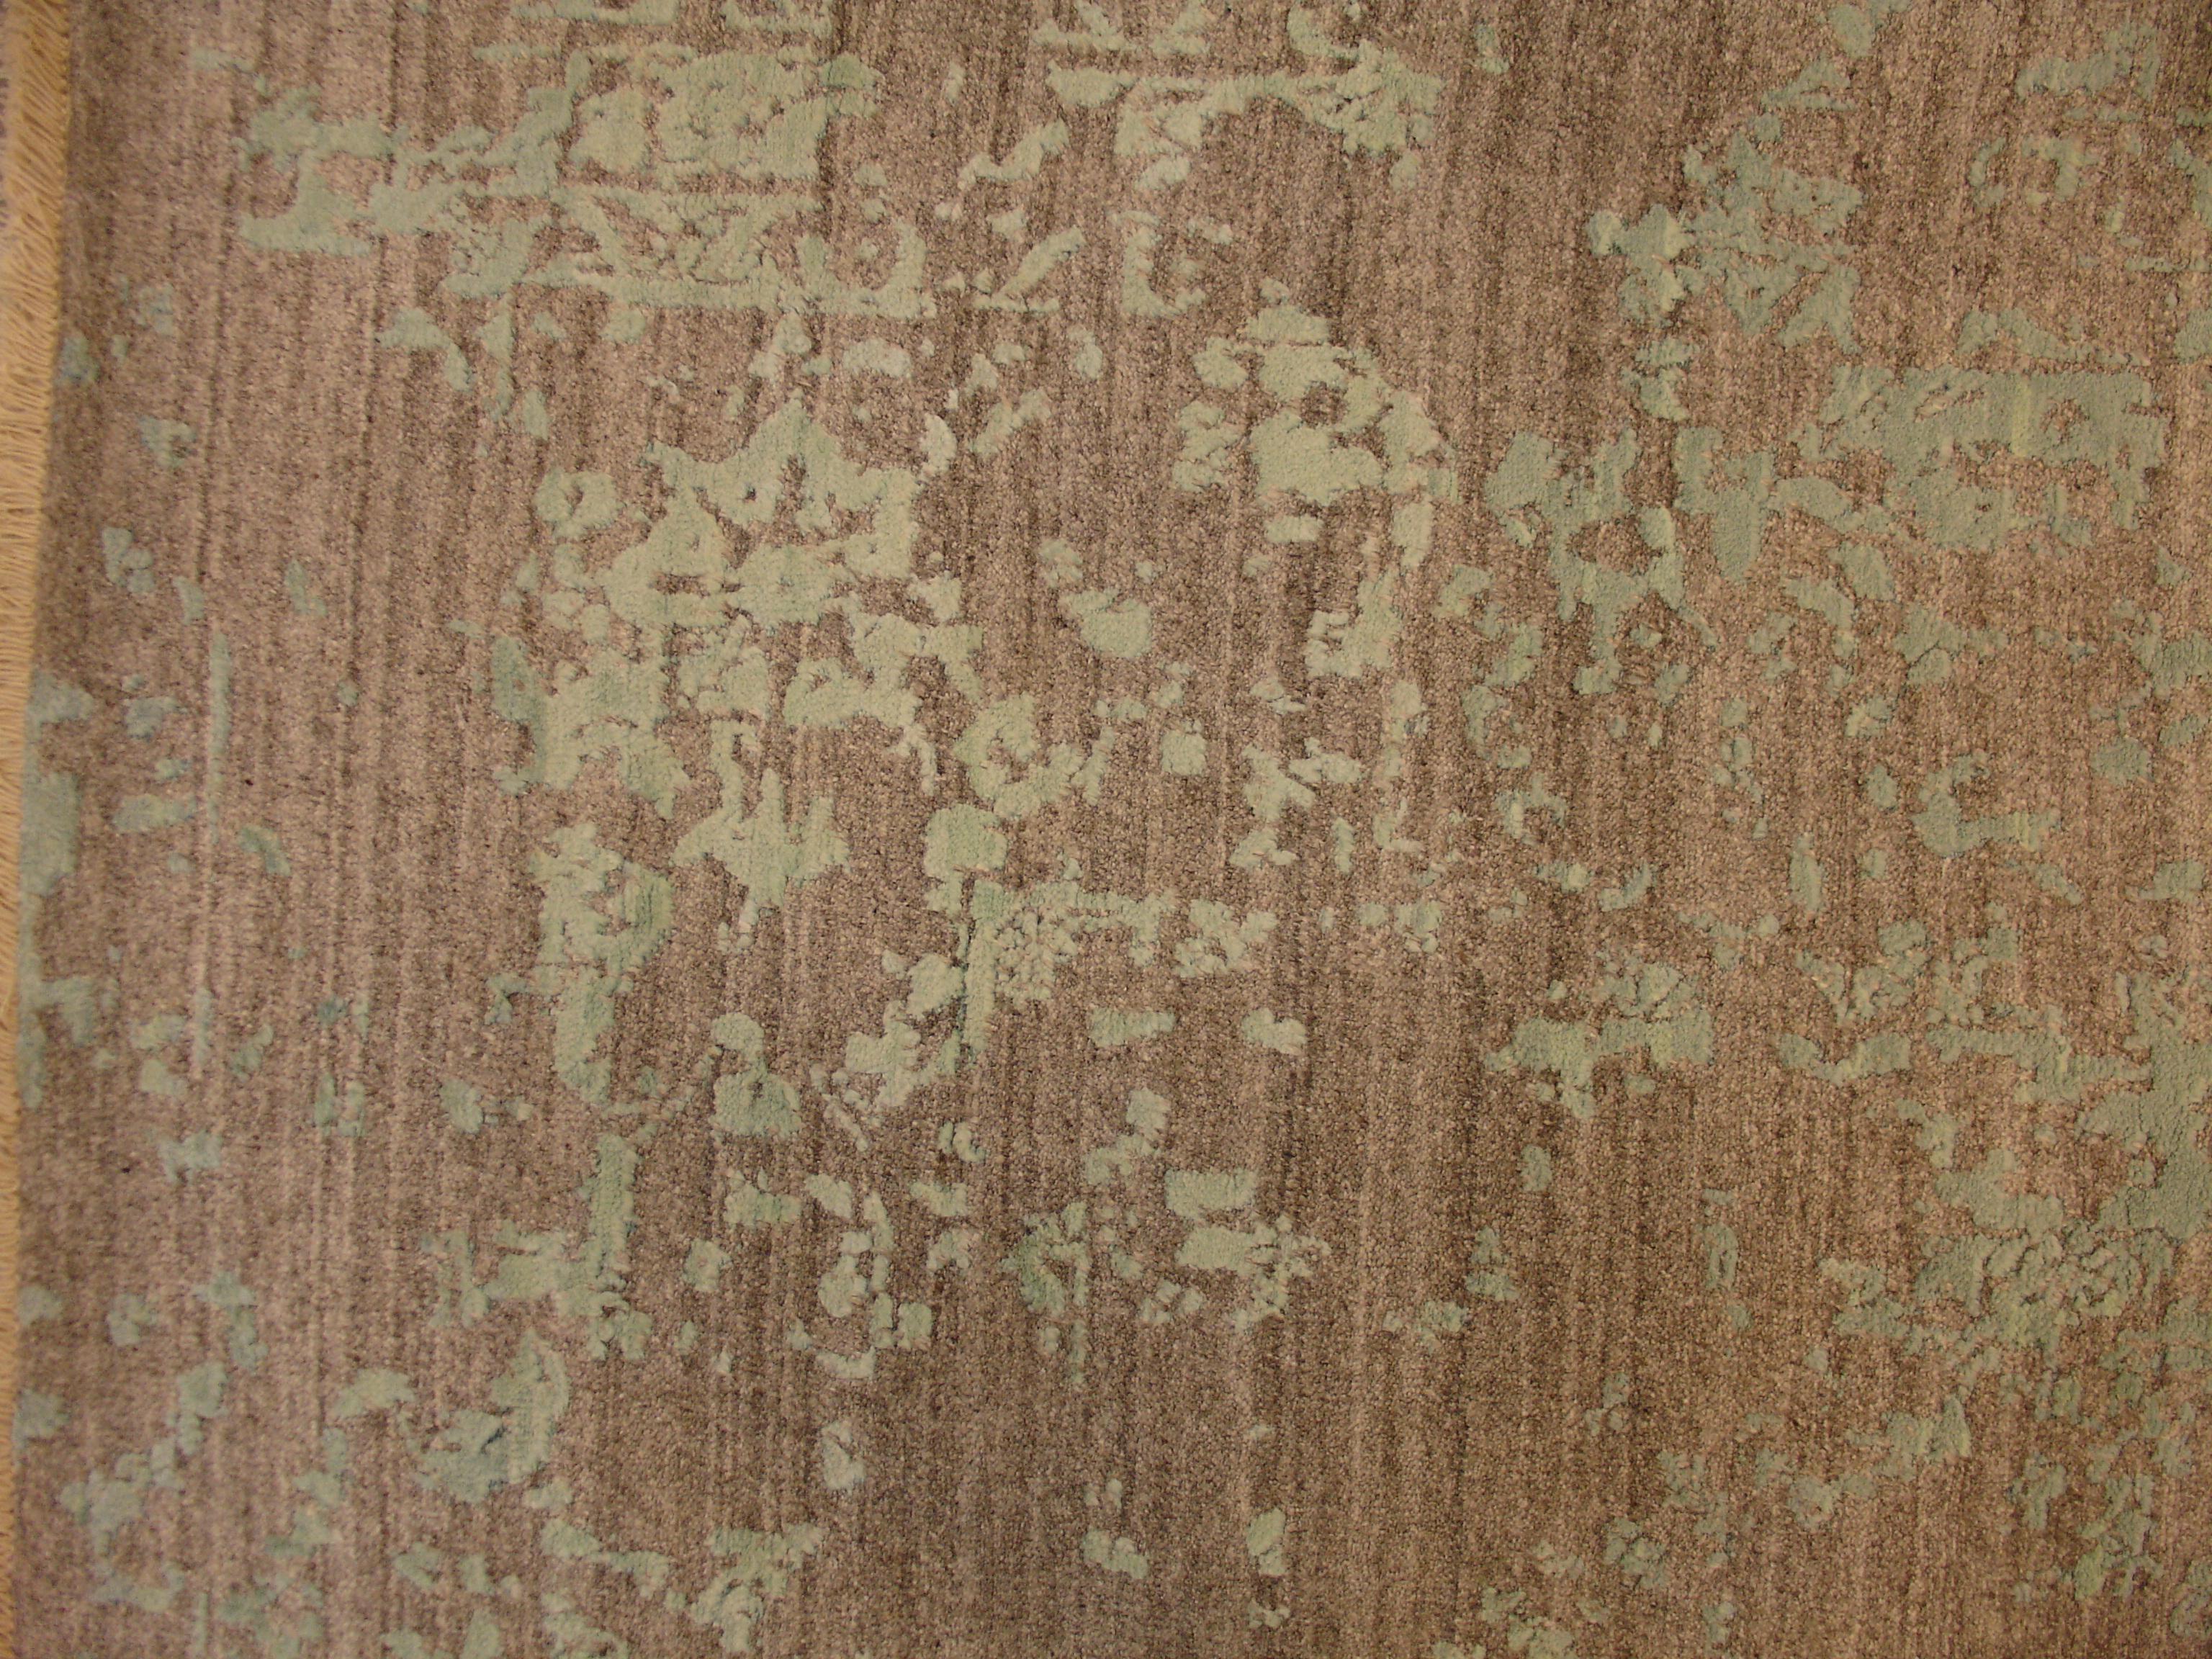 Индийский ковер из шерсти с шелком Модерн ОГ71АЮWSC